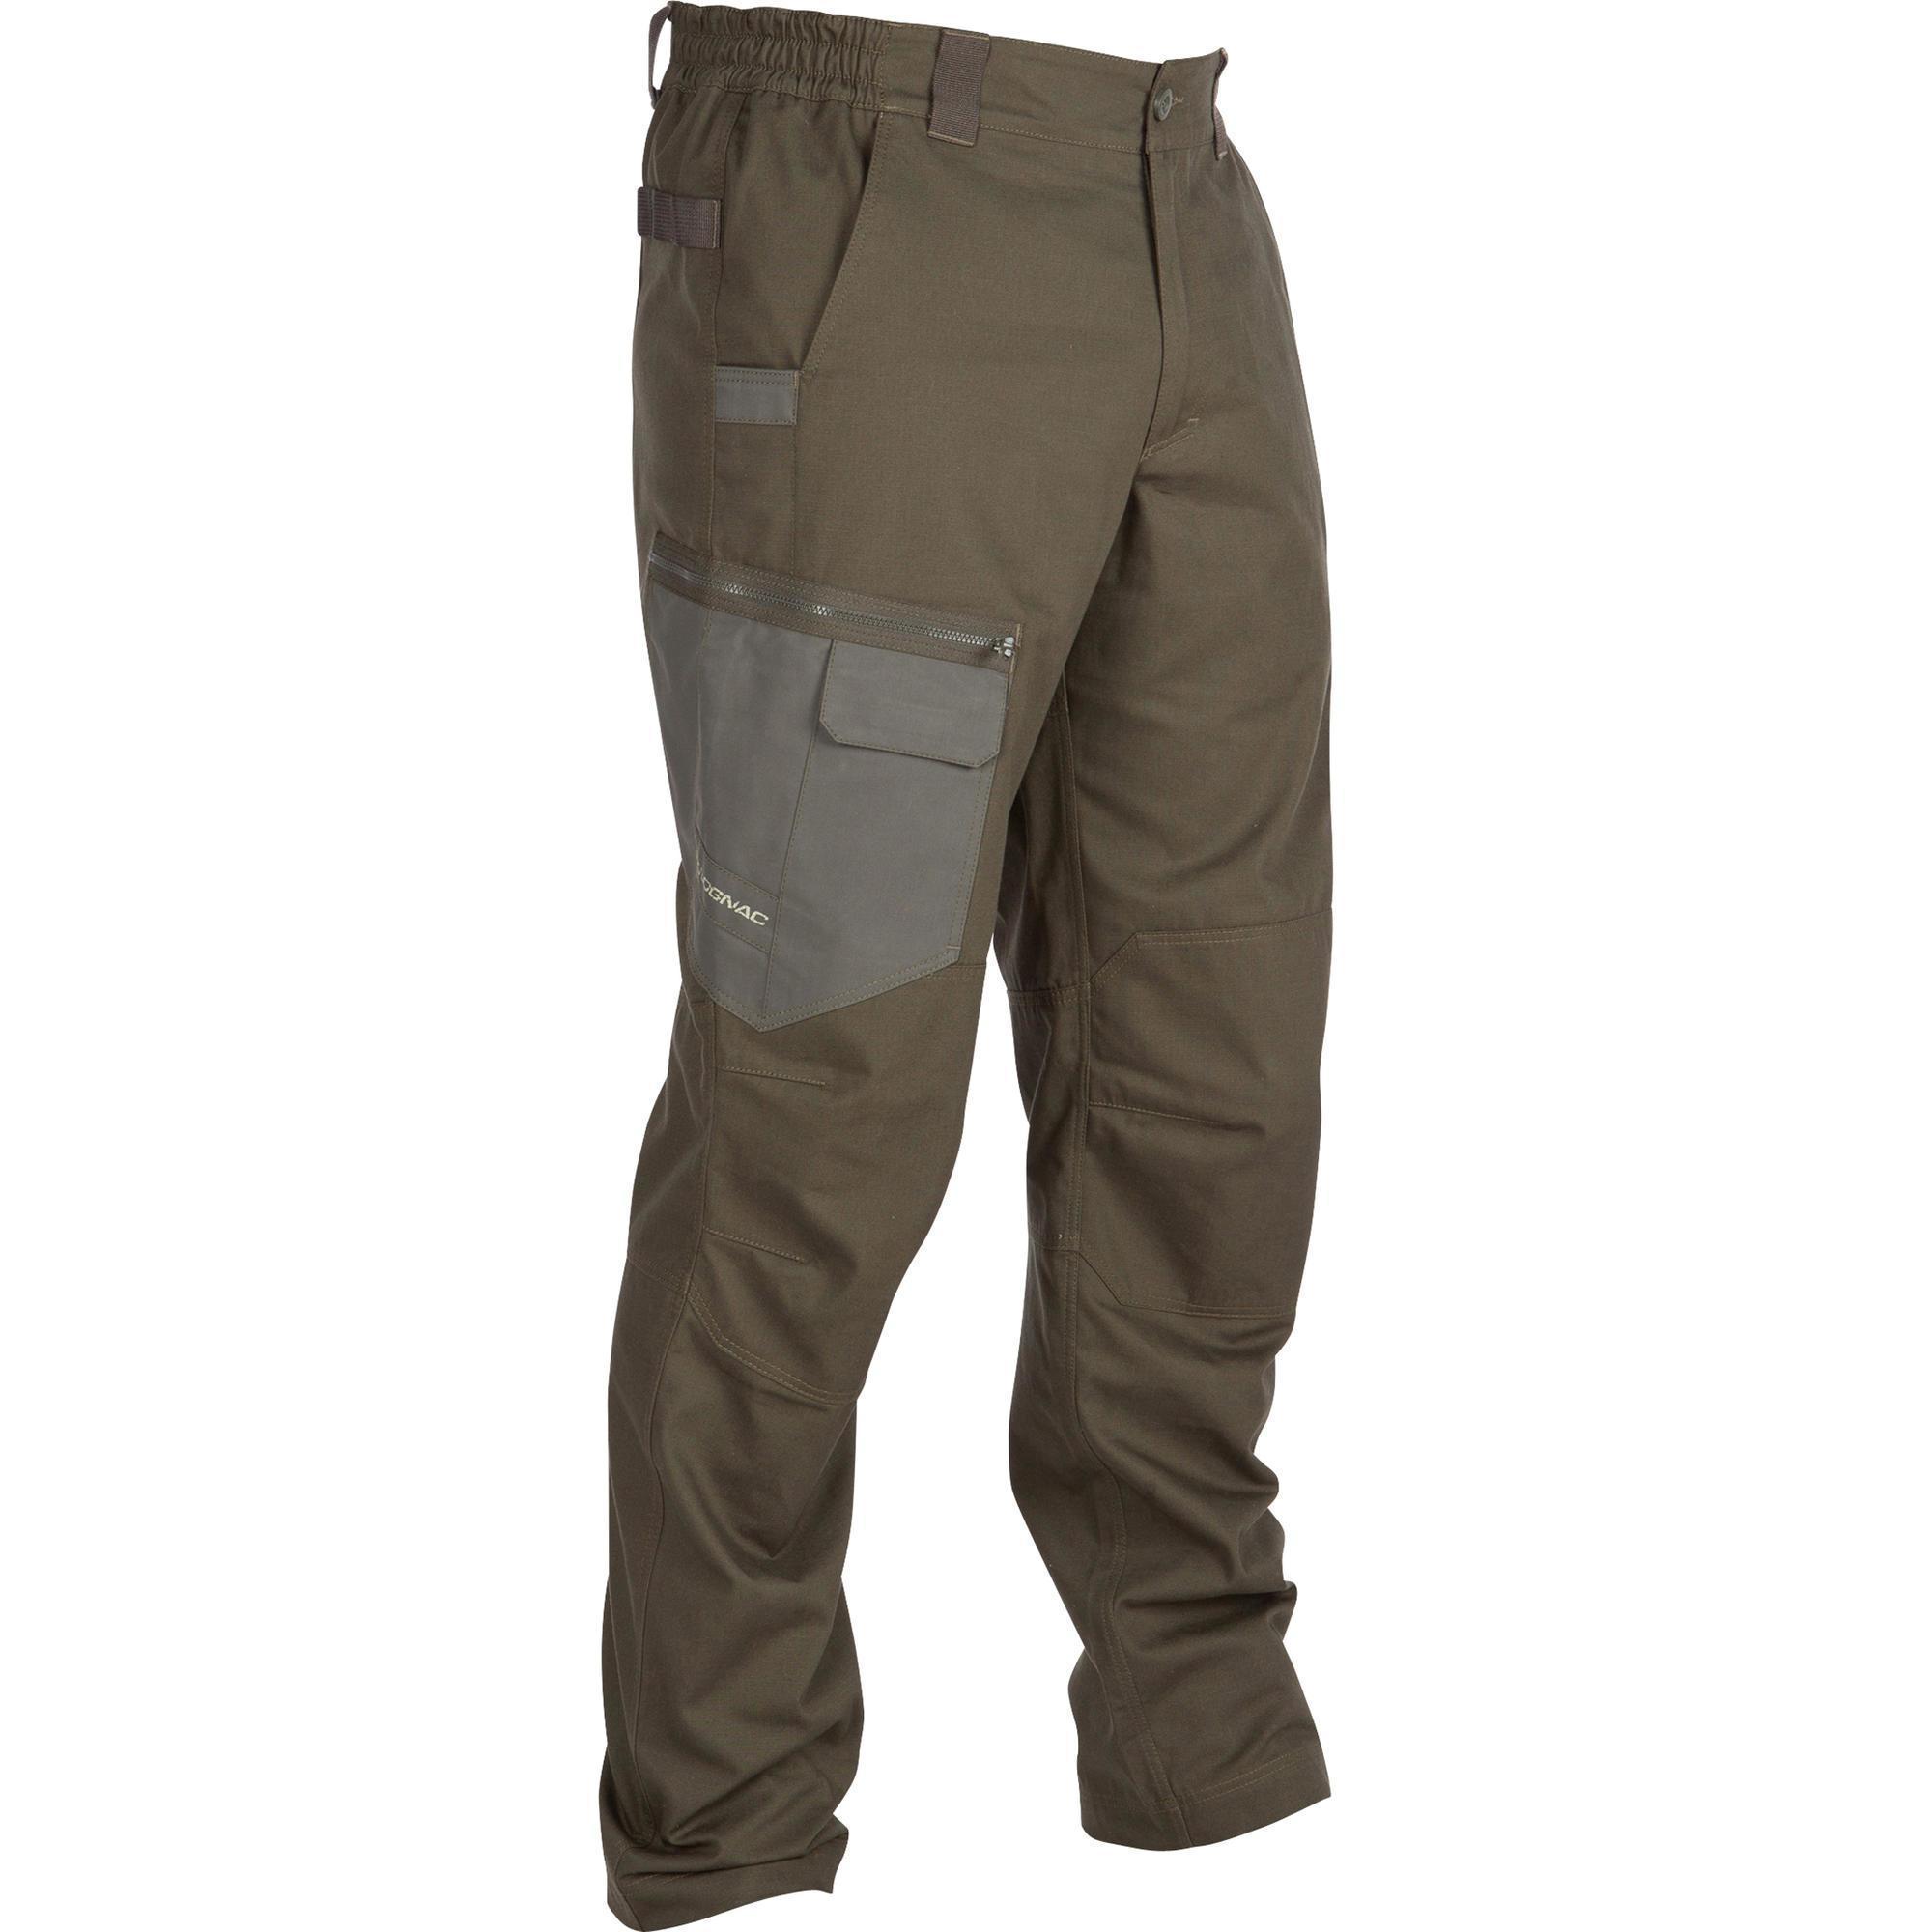 Jagdhose Steppe 900   Sportbekleidung > Sporthosen > Trekkinghosen   Solognac